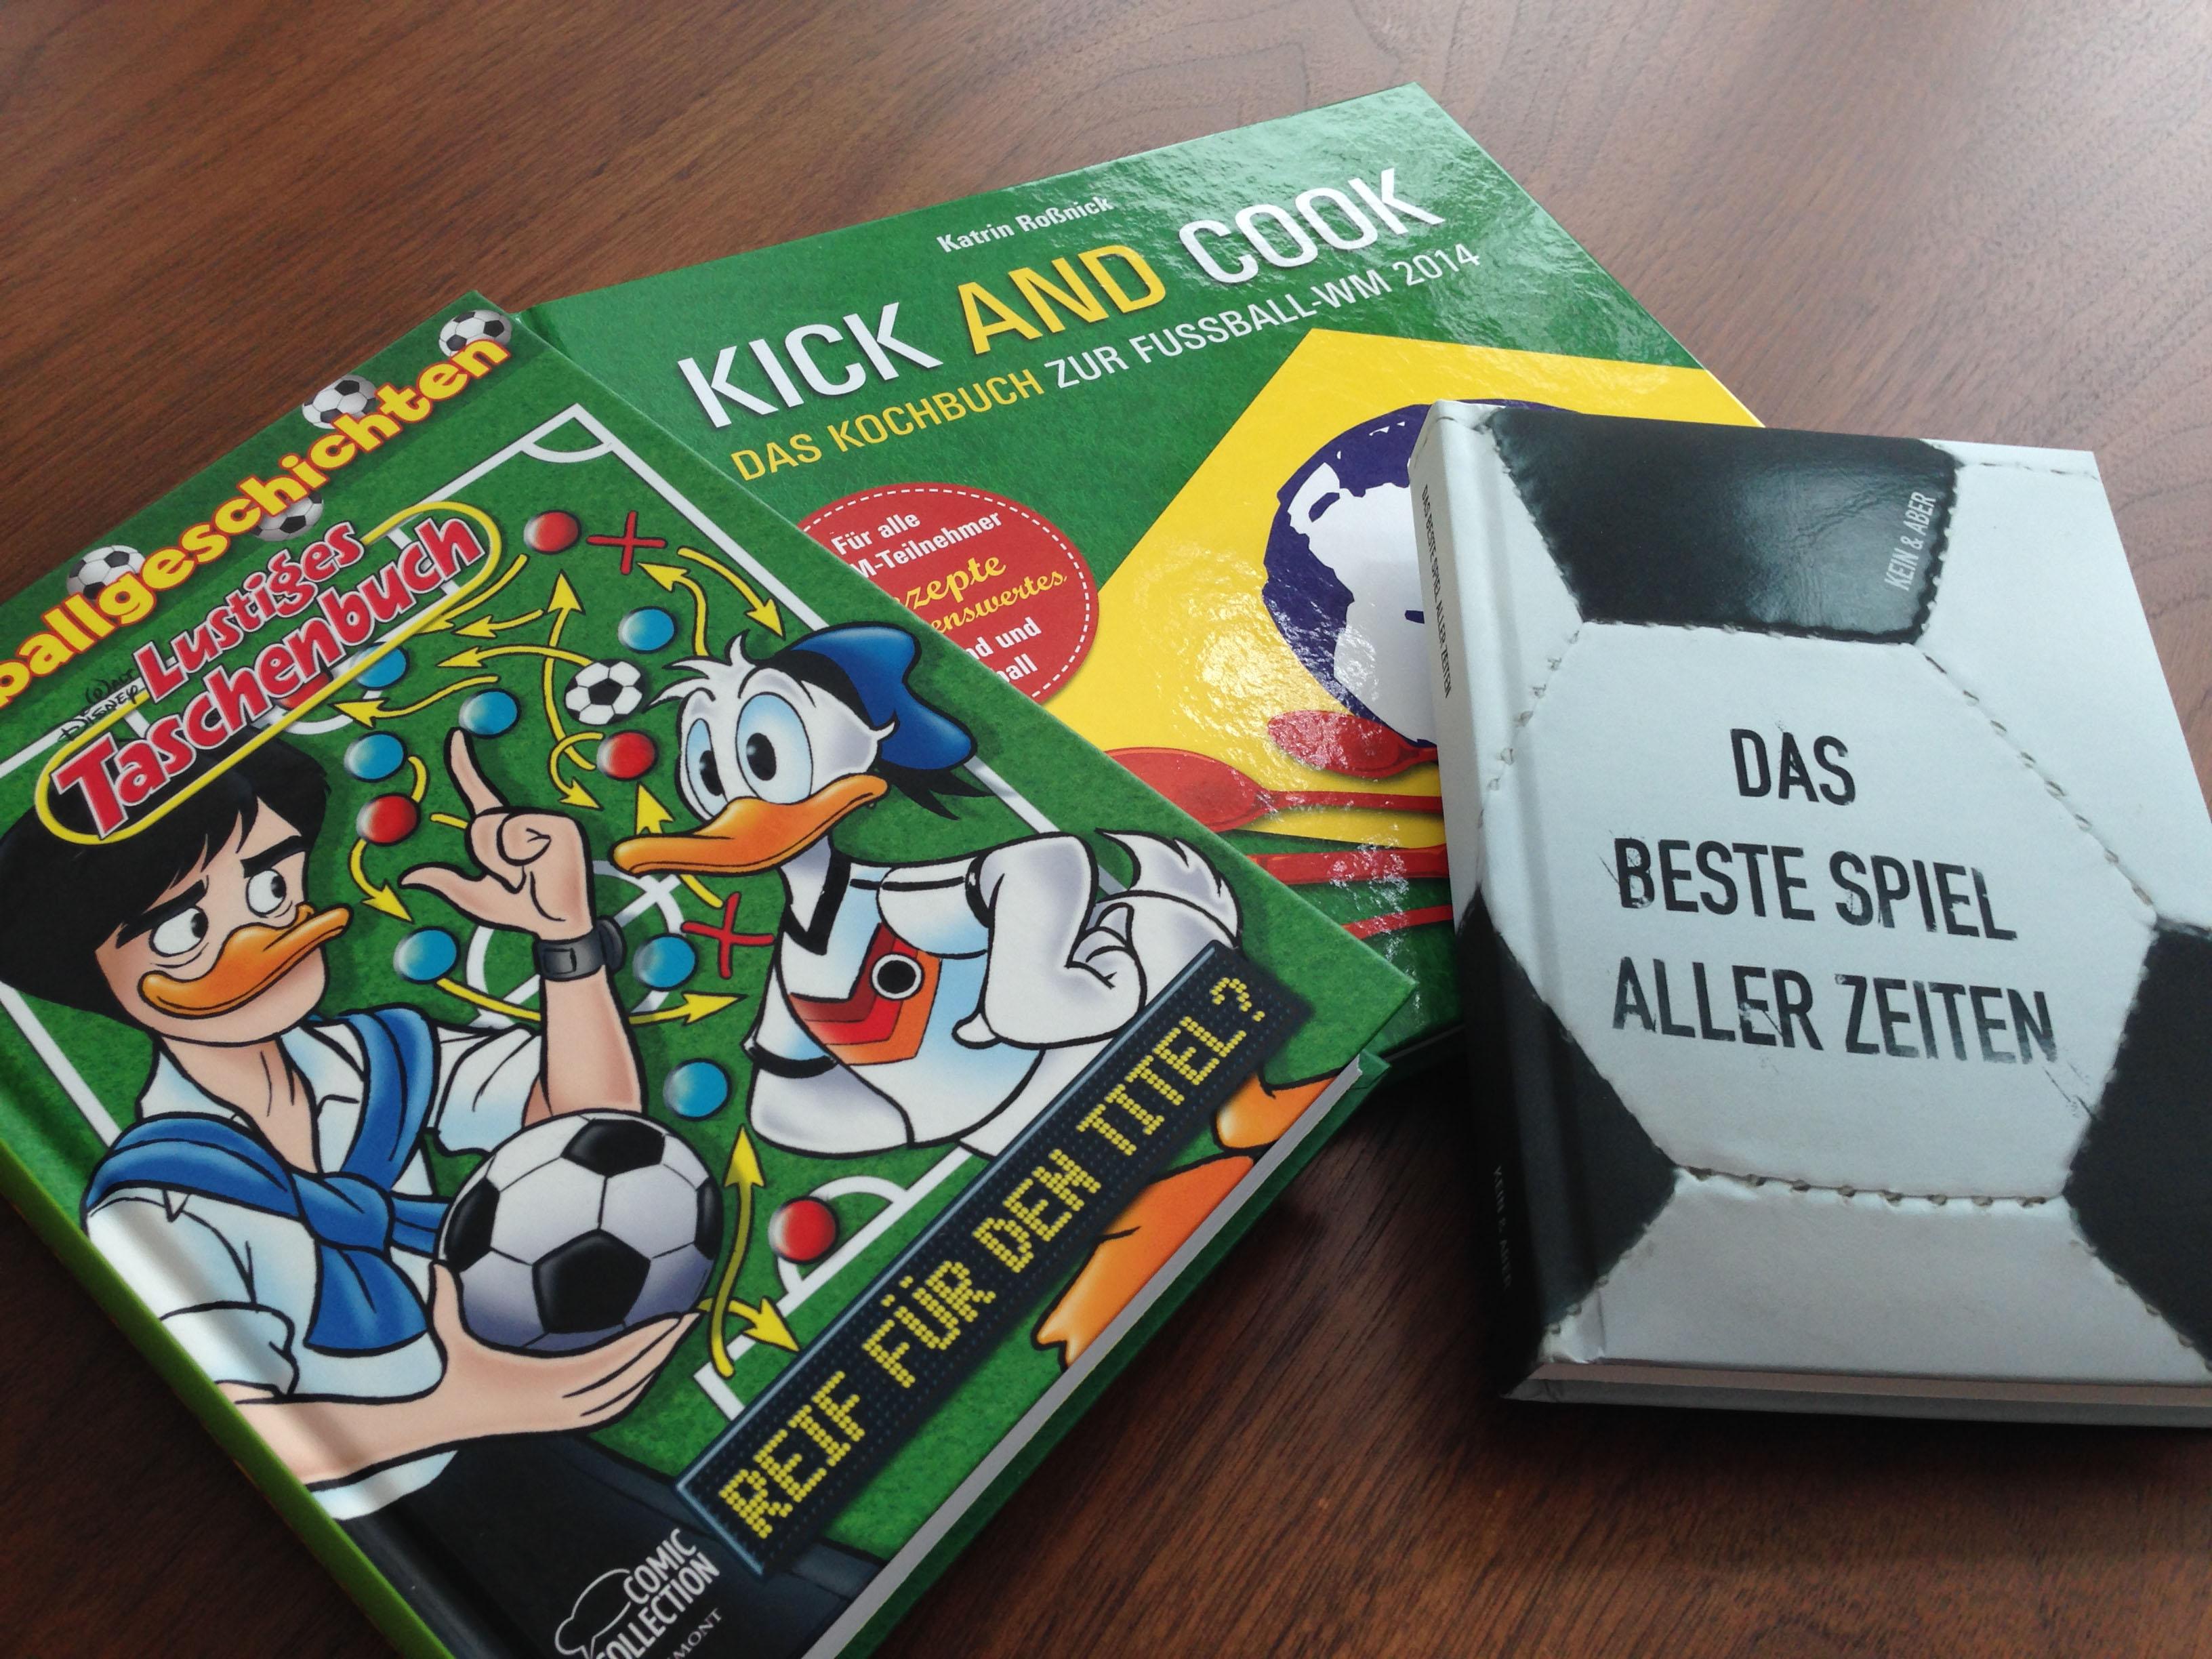 Drei Cover von Büchern zur WM